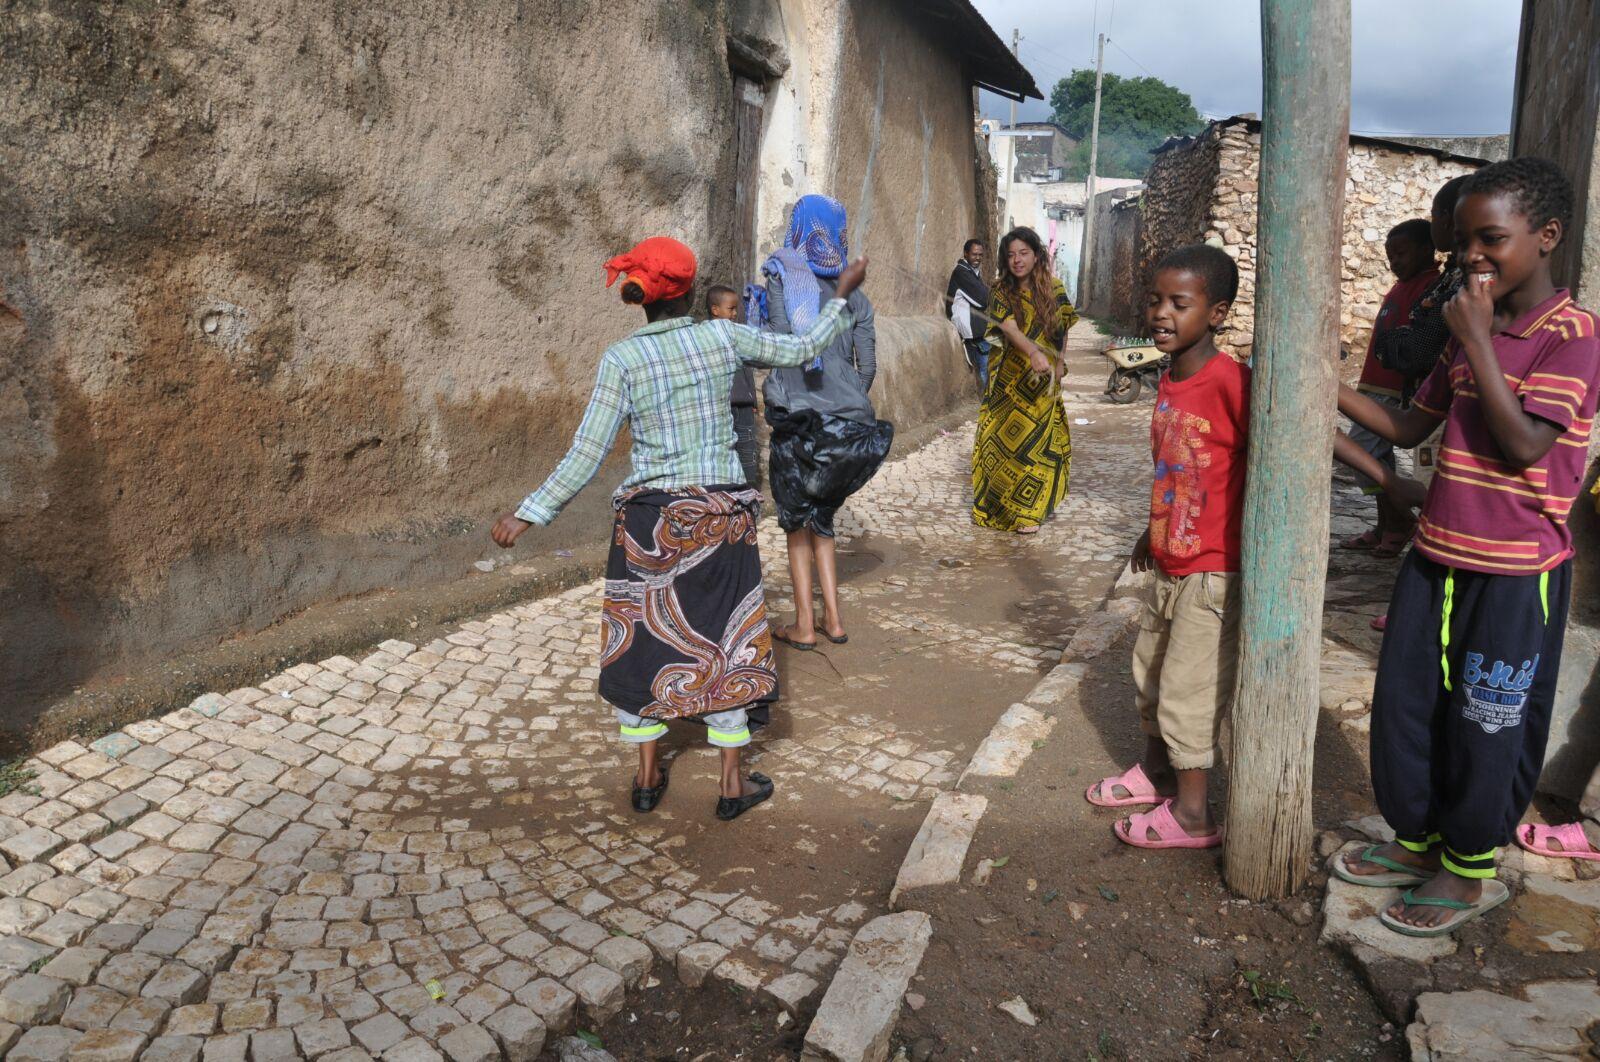 Laila per le strade di Injibara